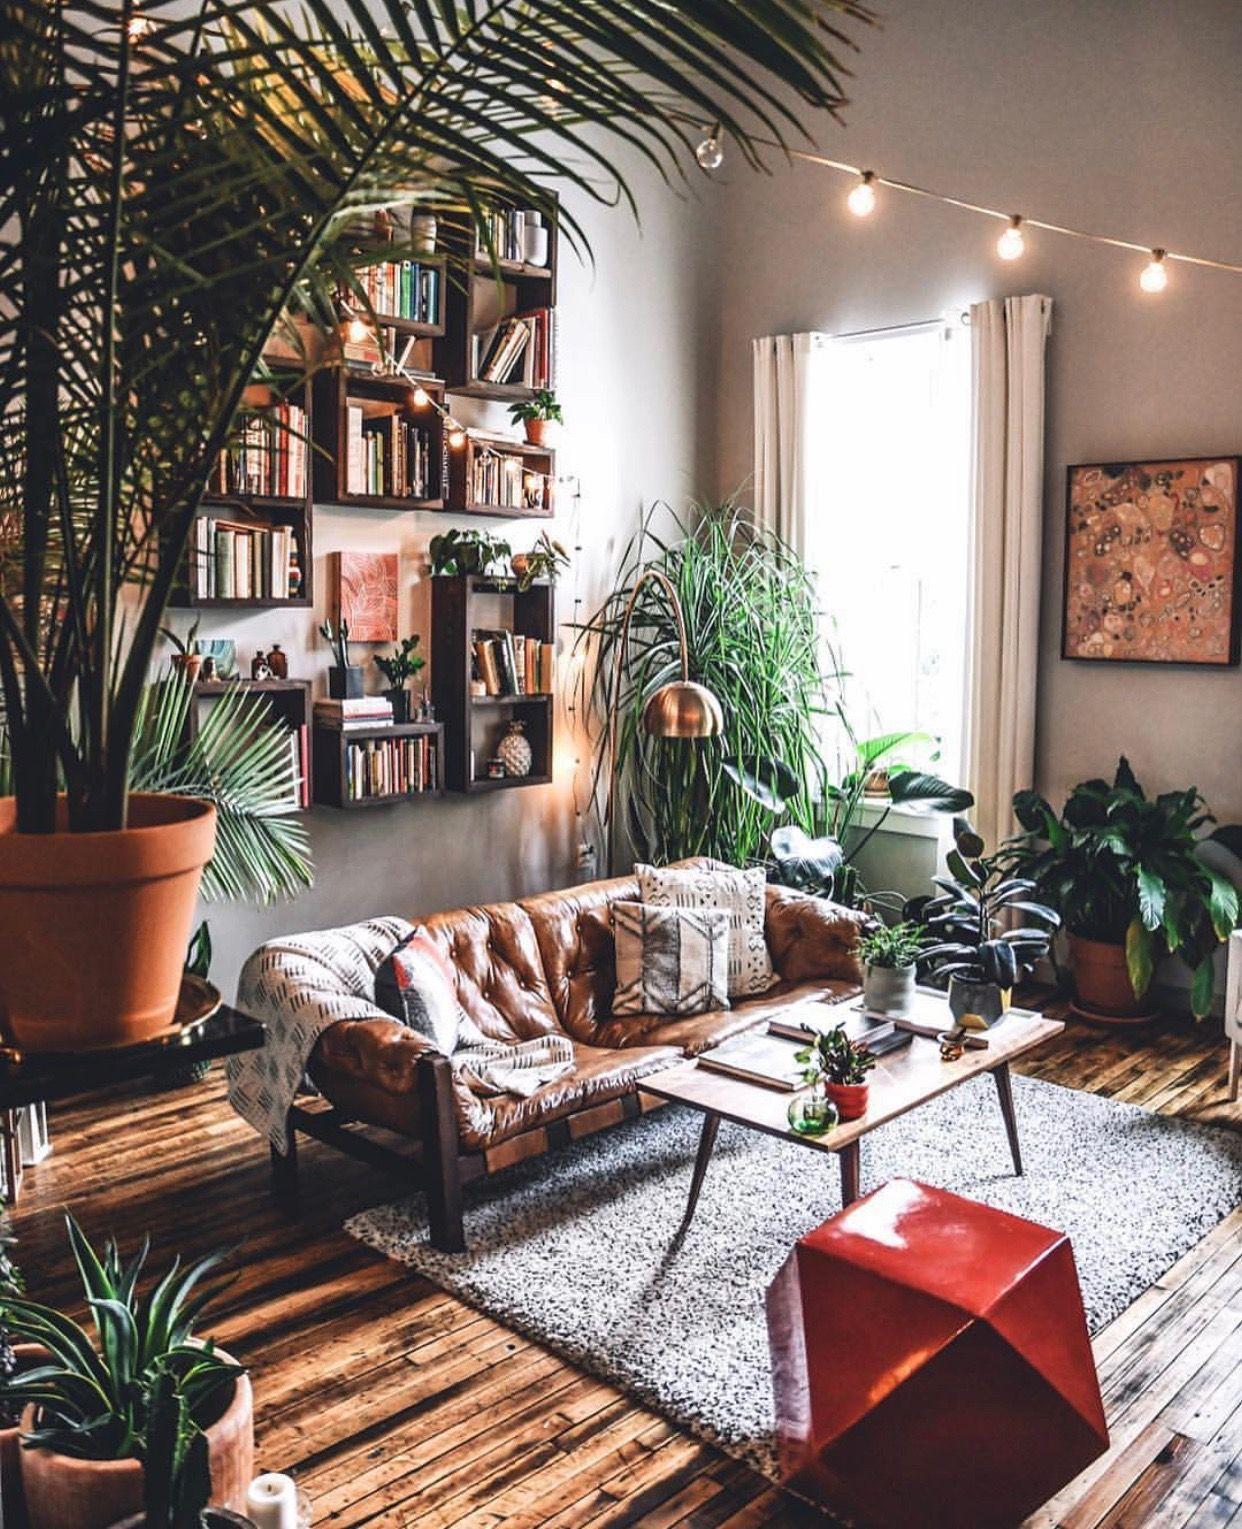 Pin By Amanda Schneider On Home Interior Design Interior Design